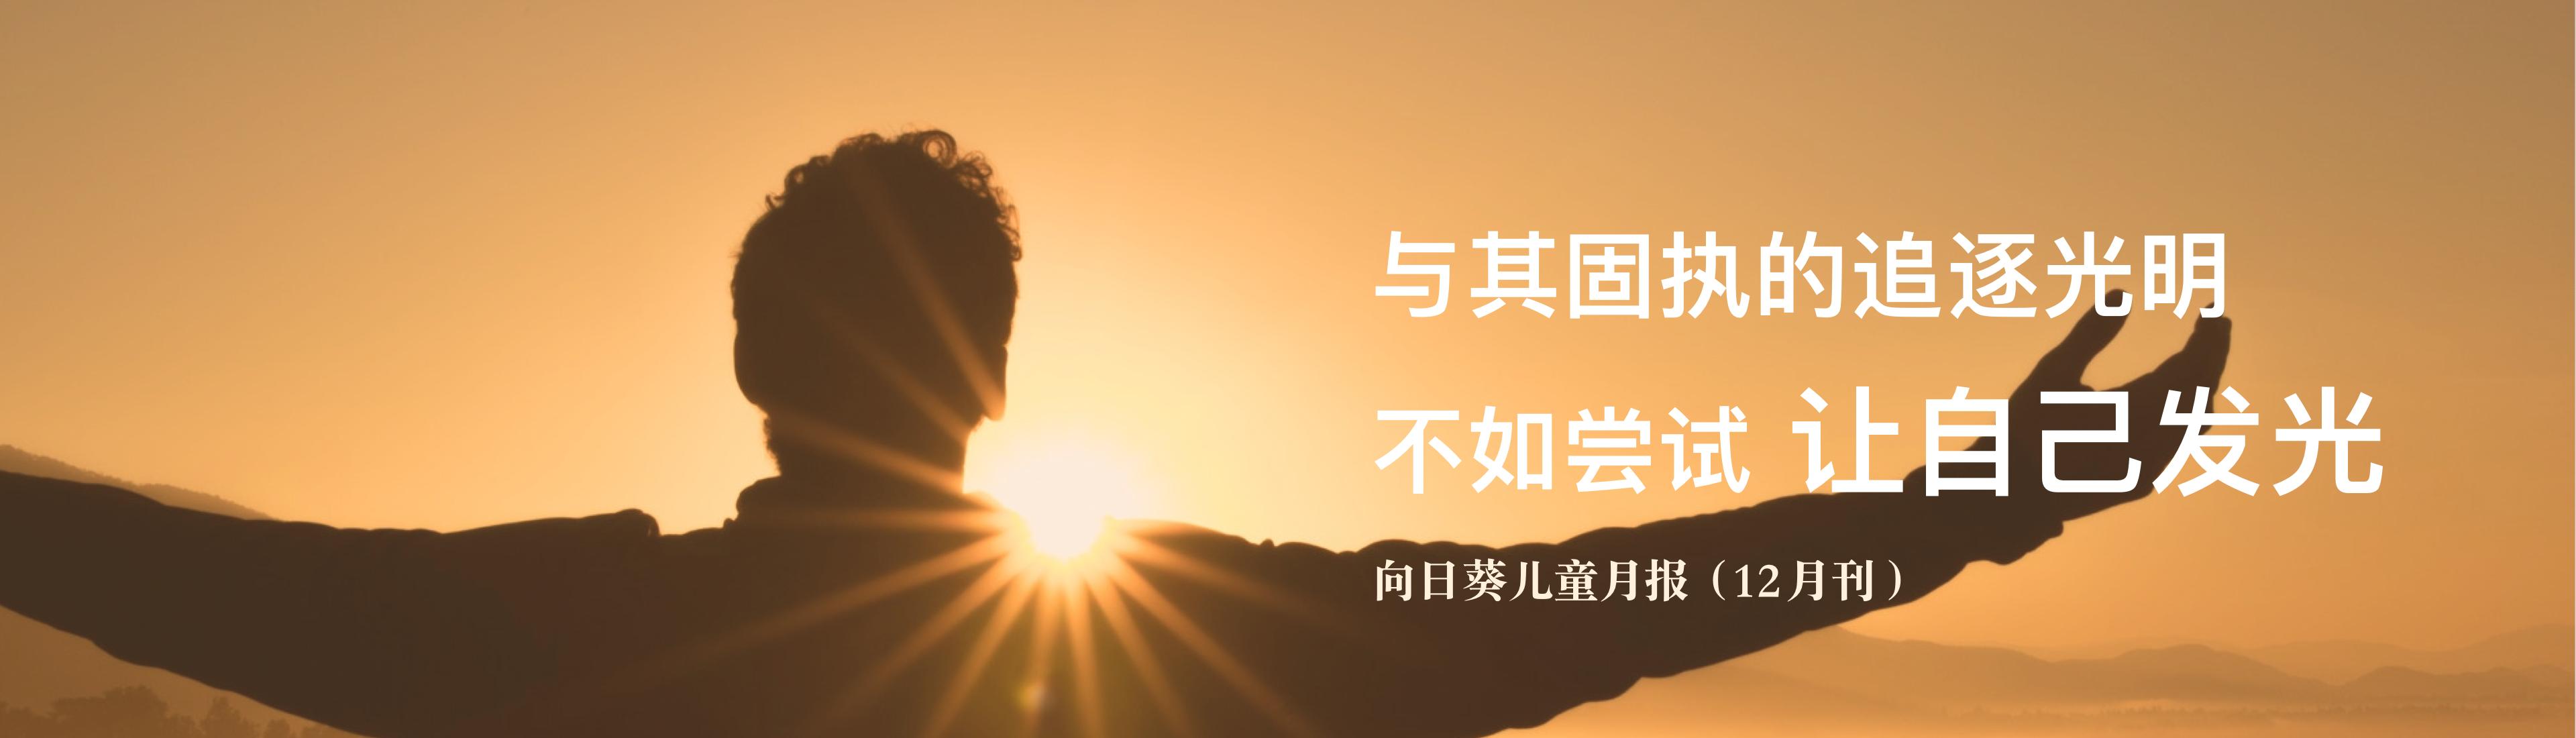 向日葵儿童月报(12月刊)